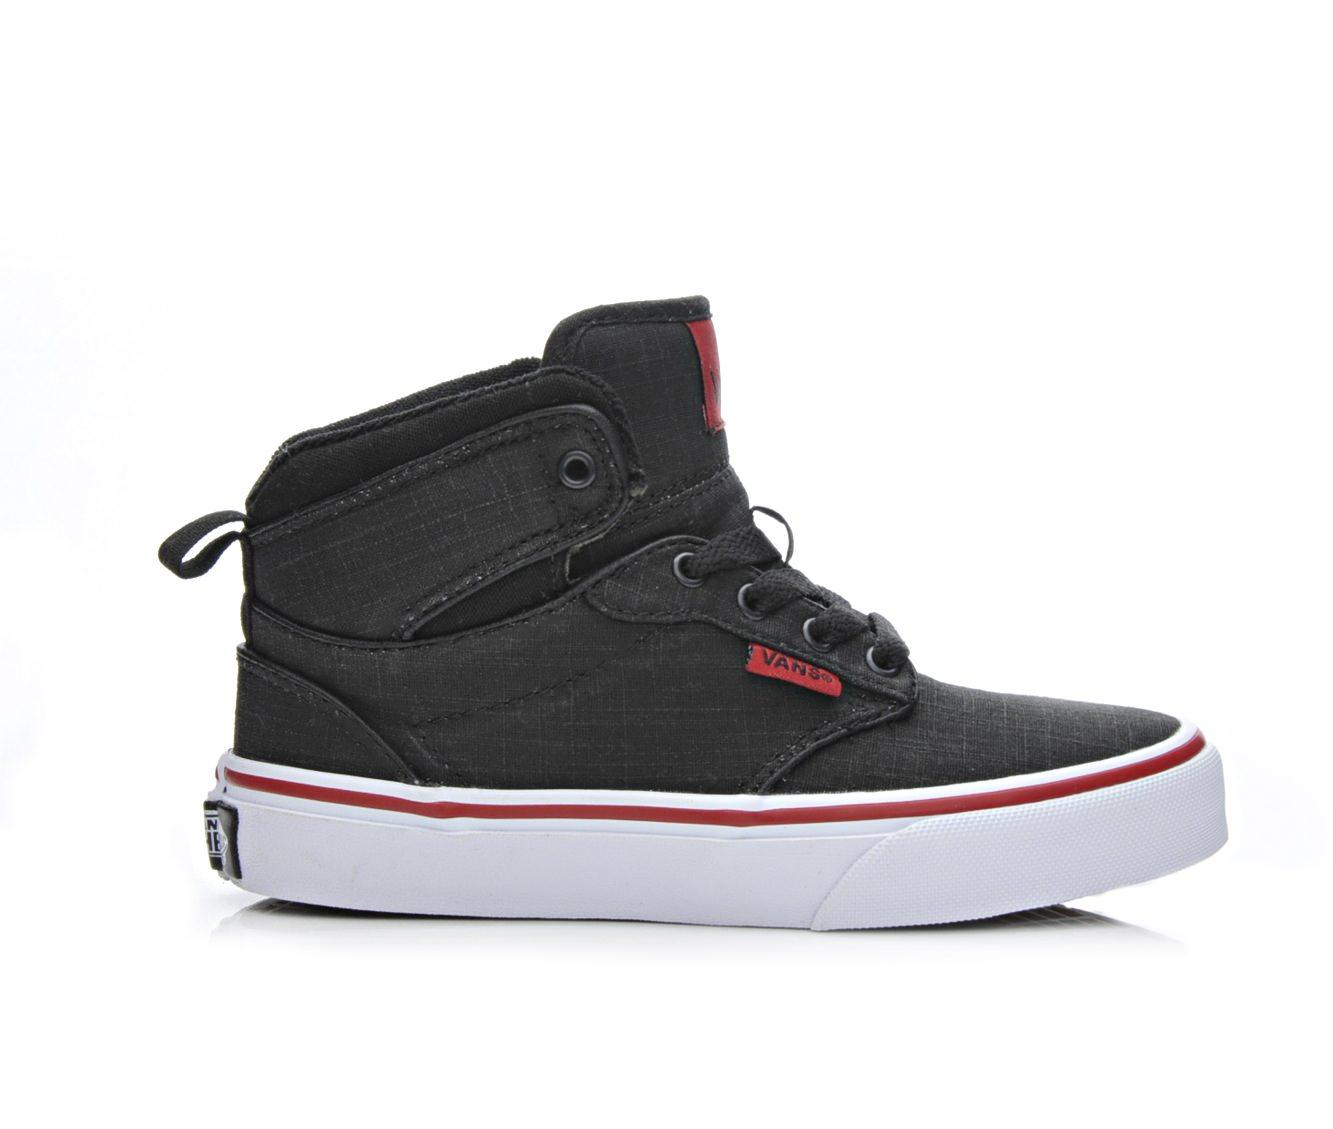 Boys' Vans Atwood Hi Skate Shoes (Black)